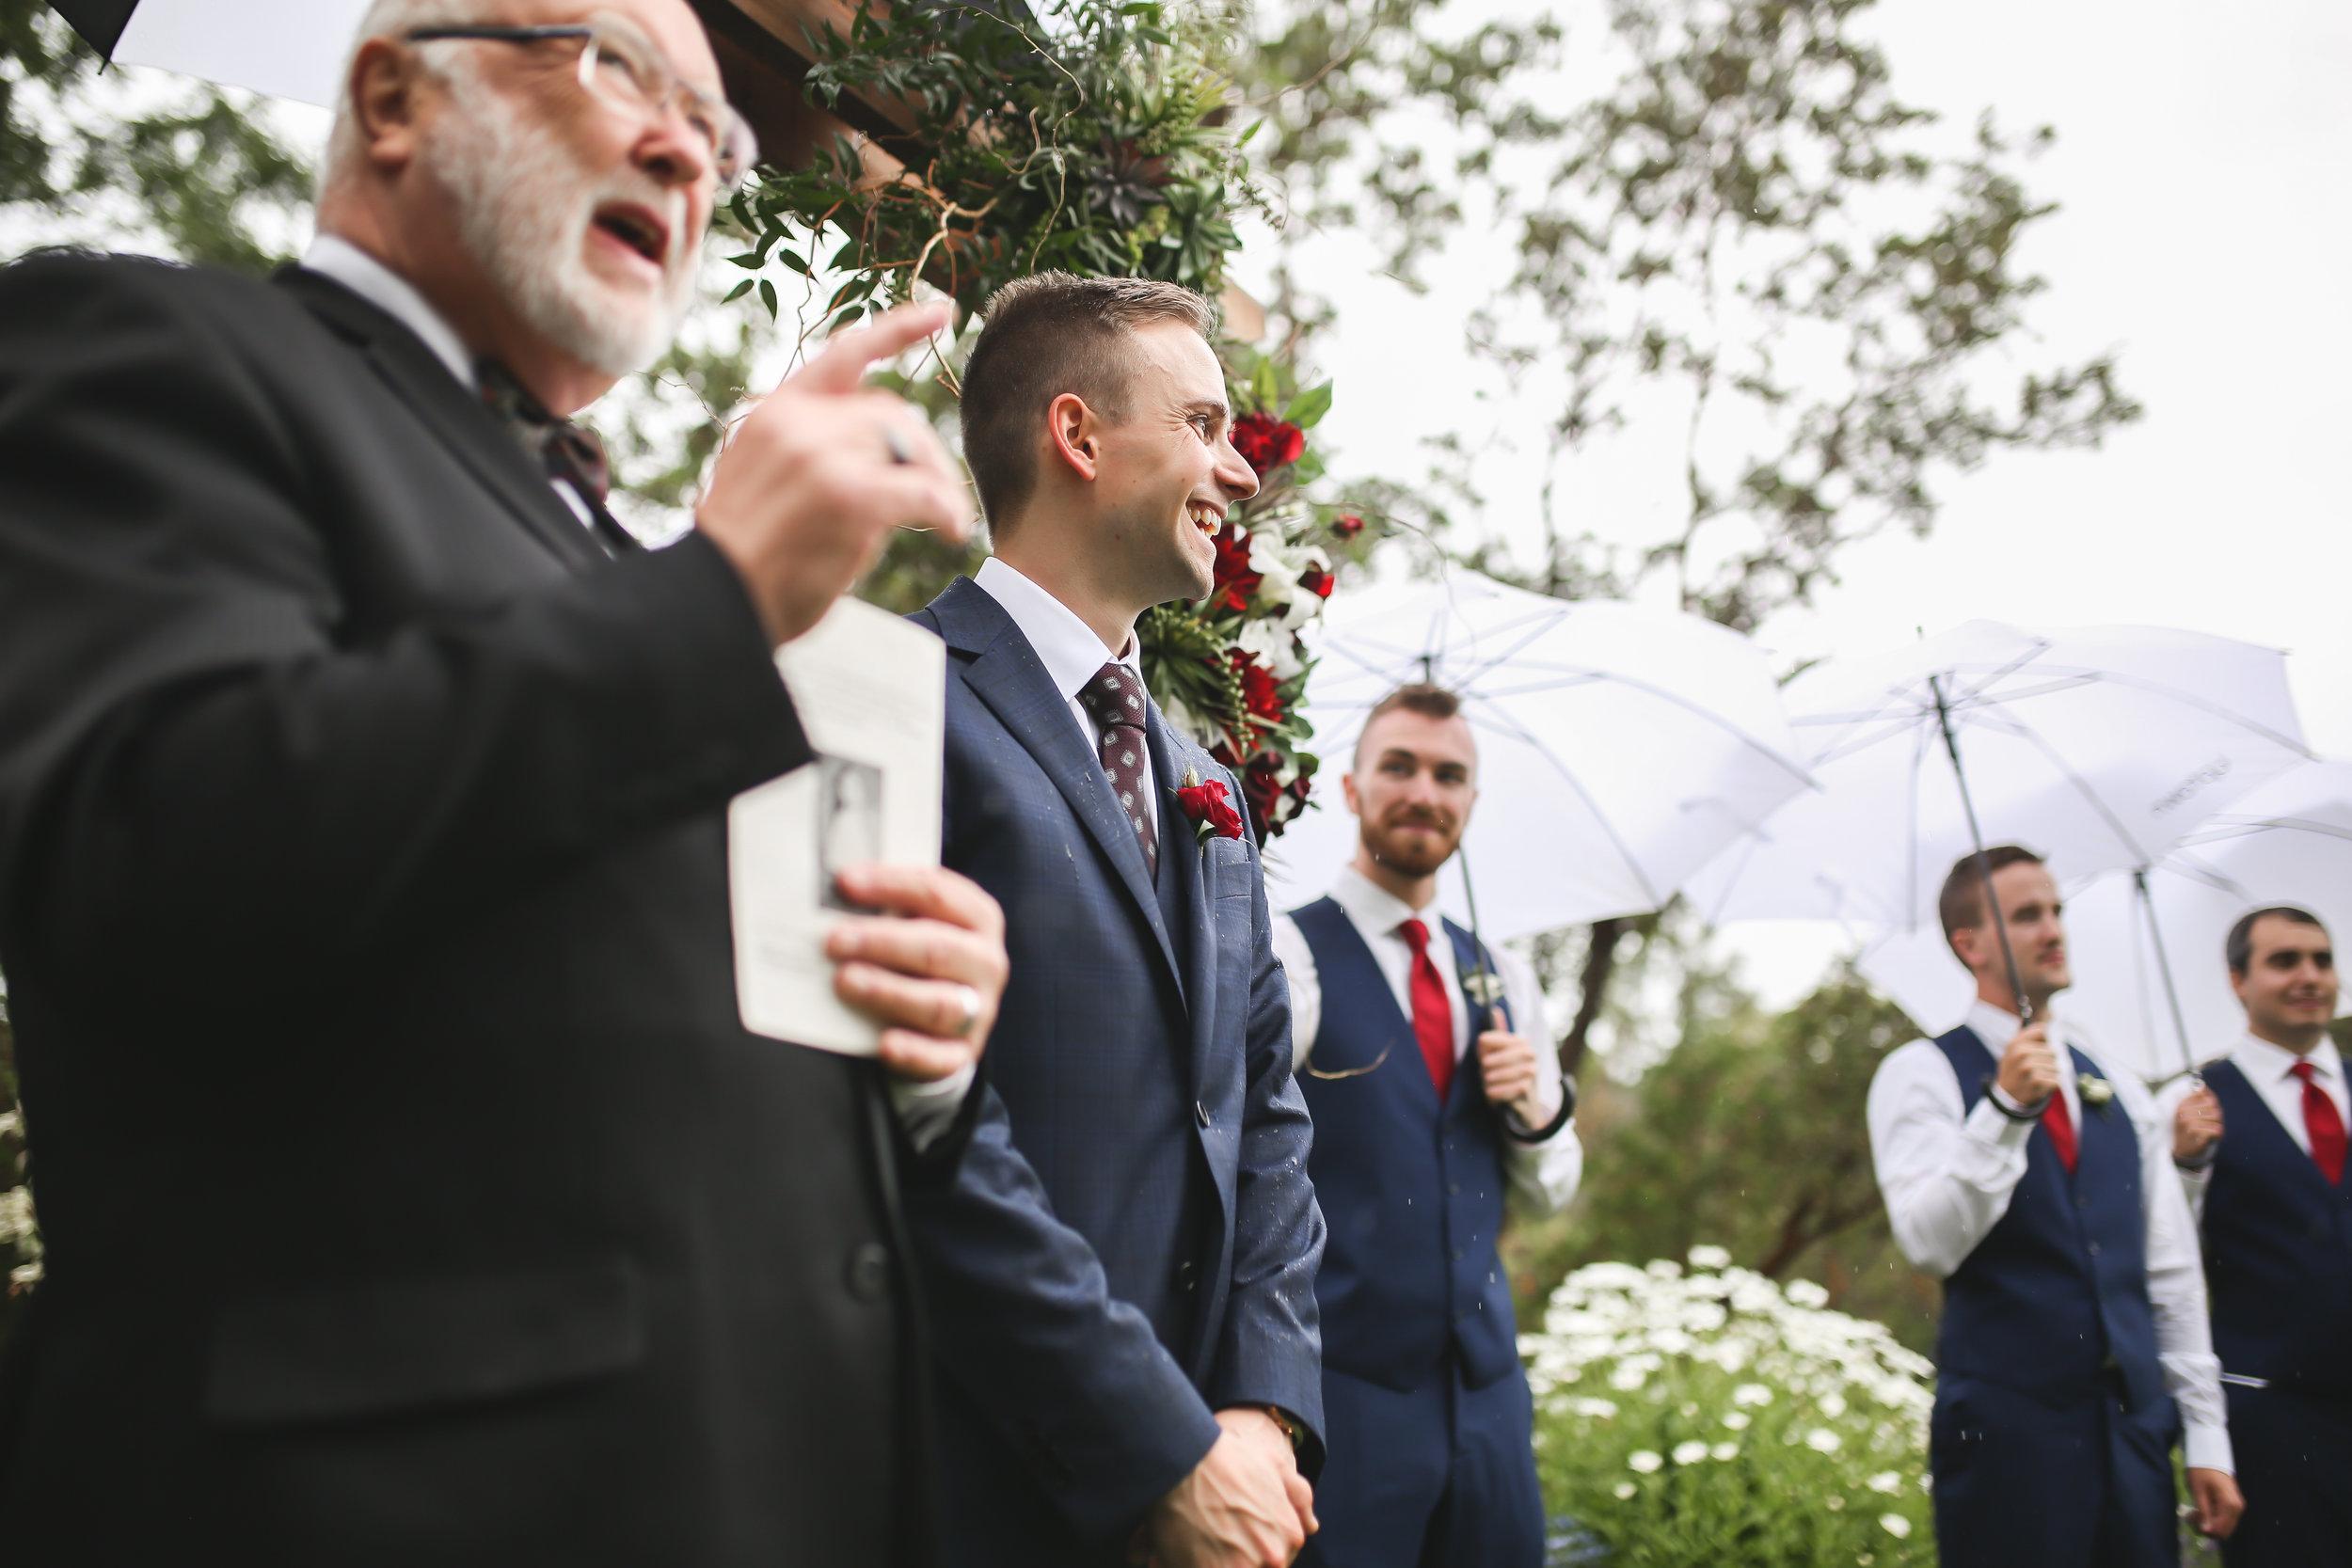 68 Adam Ziorio Photography - Allison & Austin's Wedding.jpg